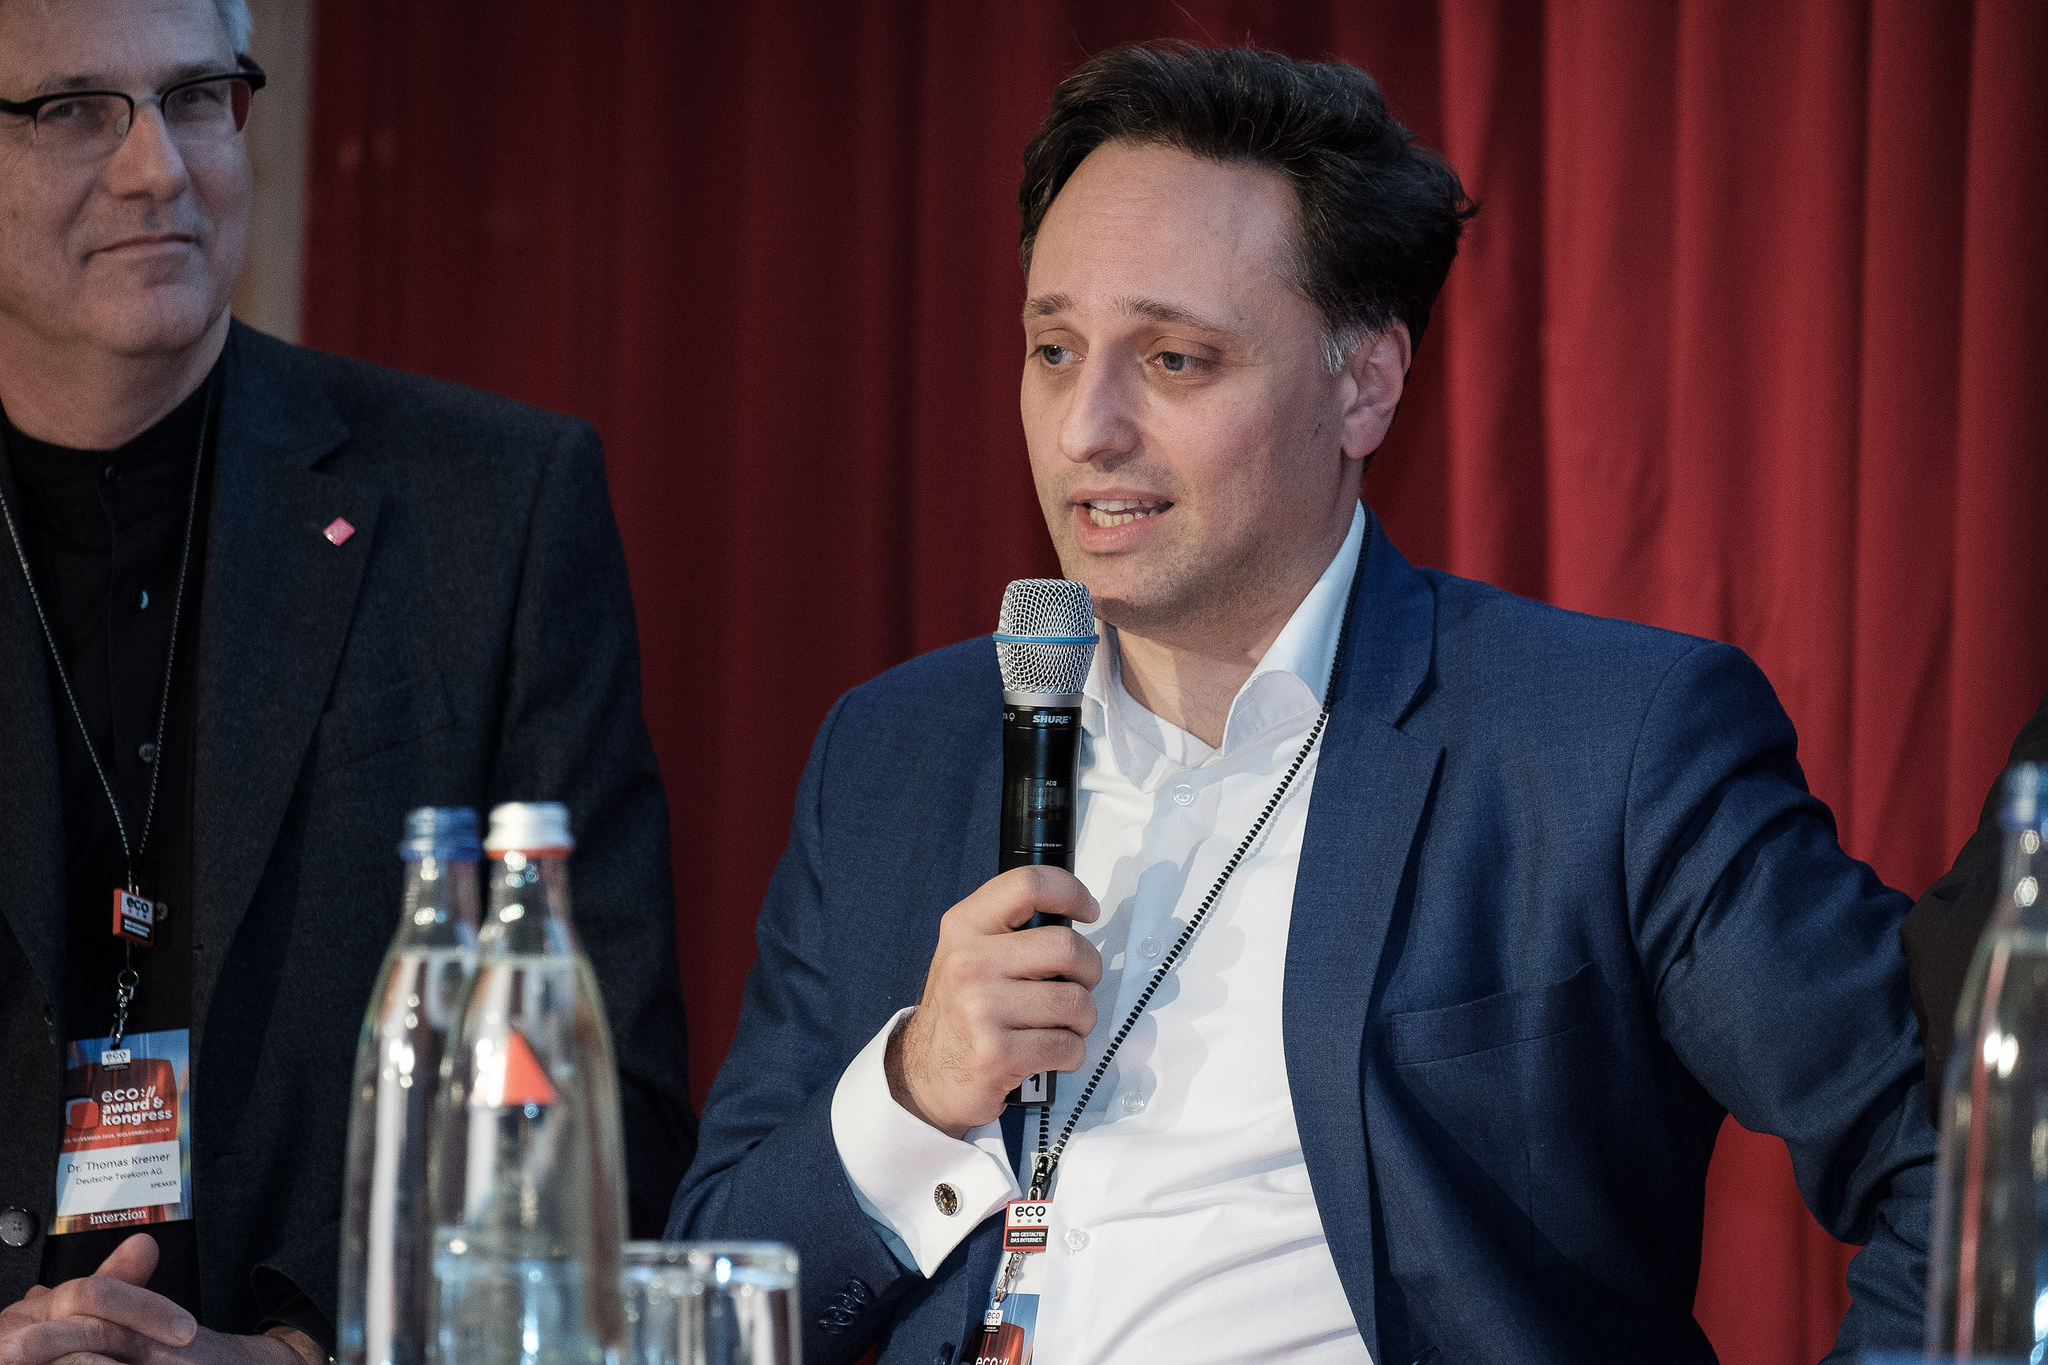 eco://kongress & eco:awards: Gemeinsam die digitale Zukunft gestalten 15